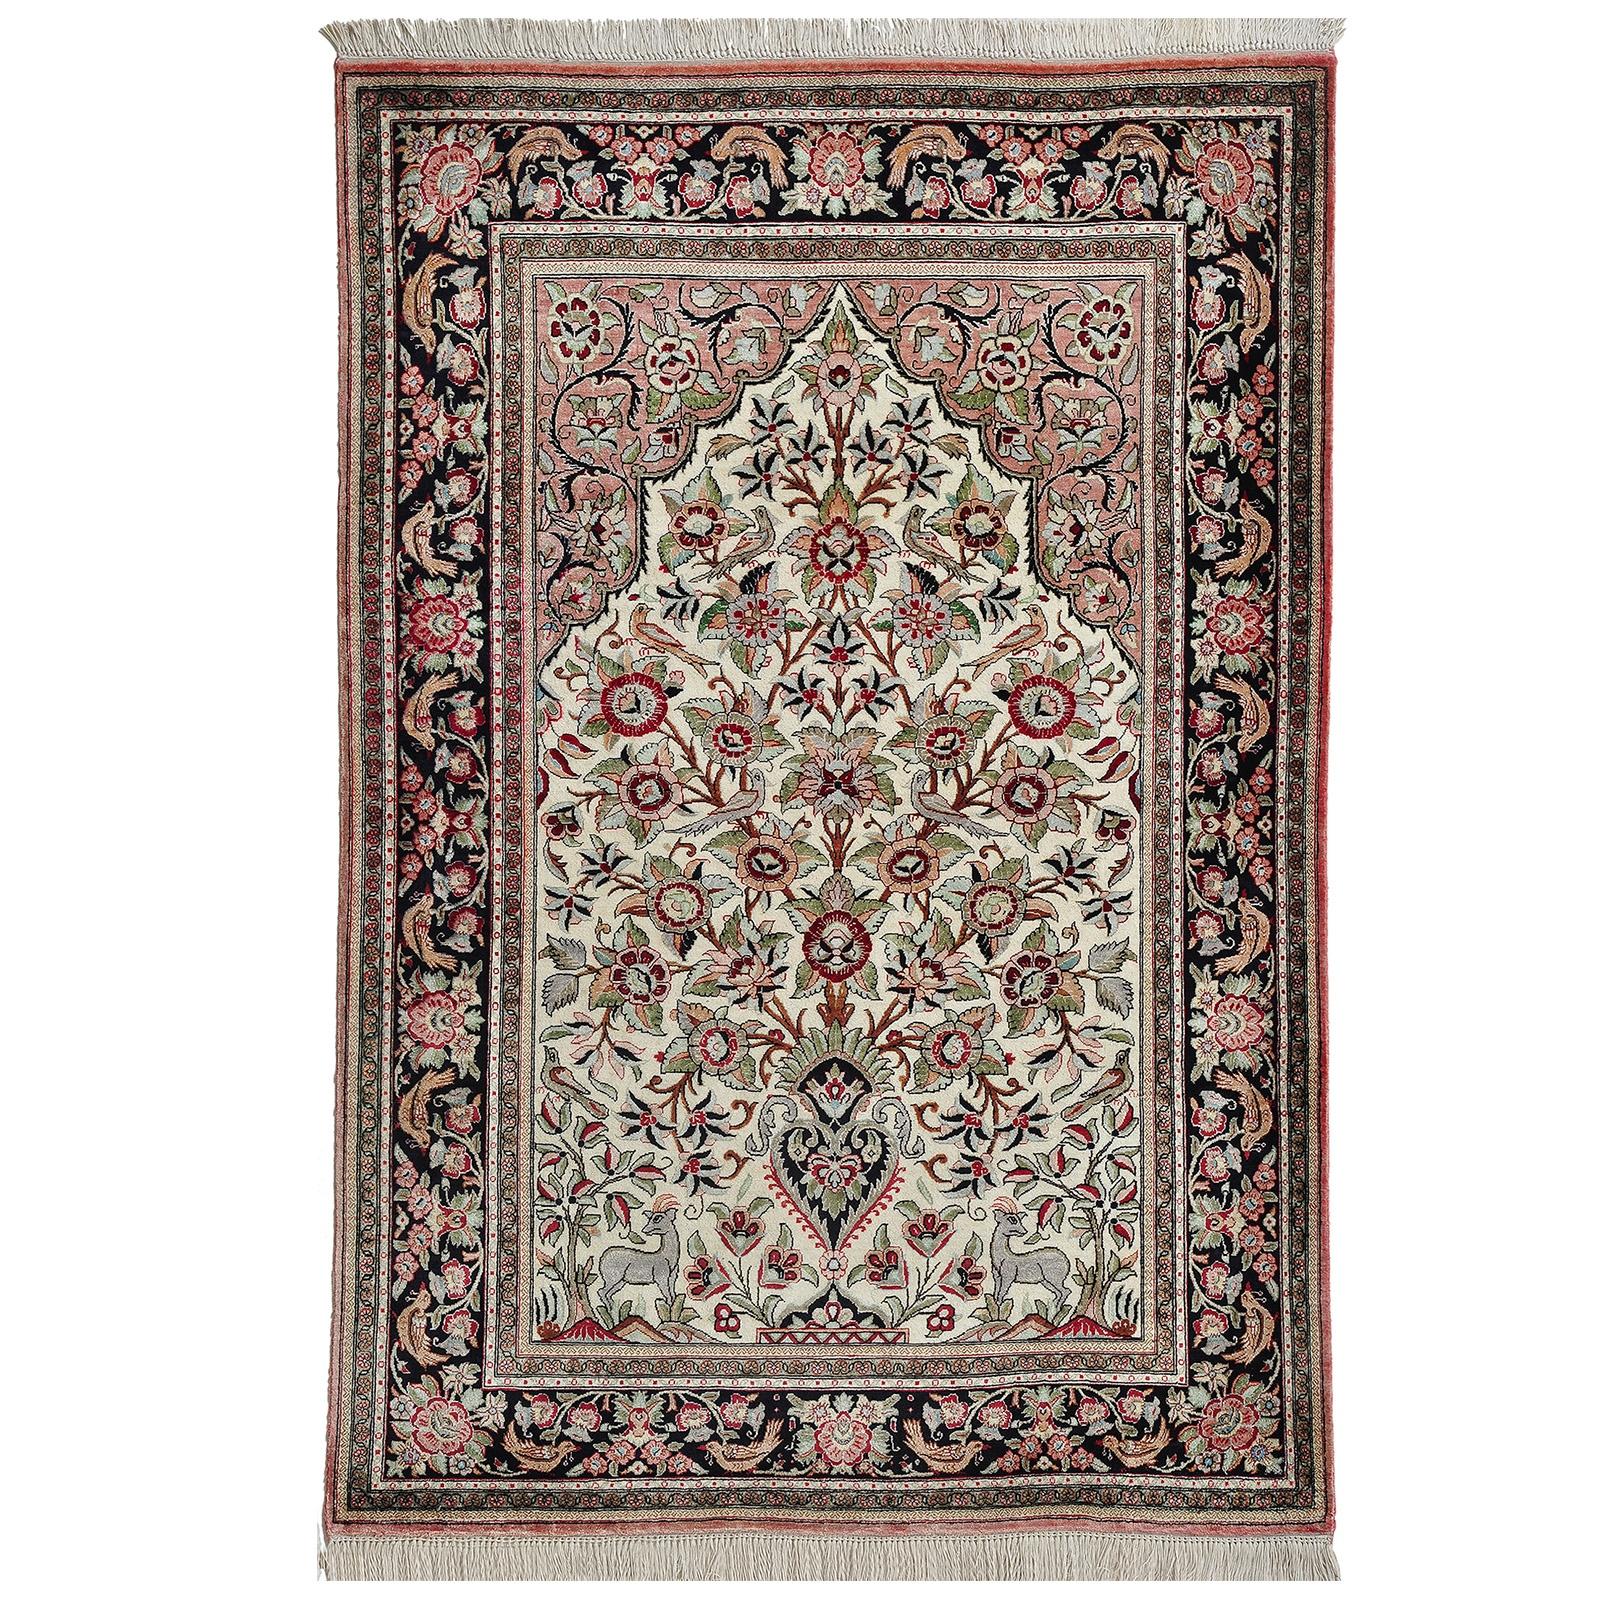 Ghom Silke matta storlek 155x106 cm